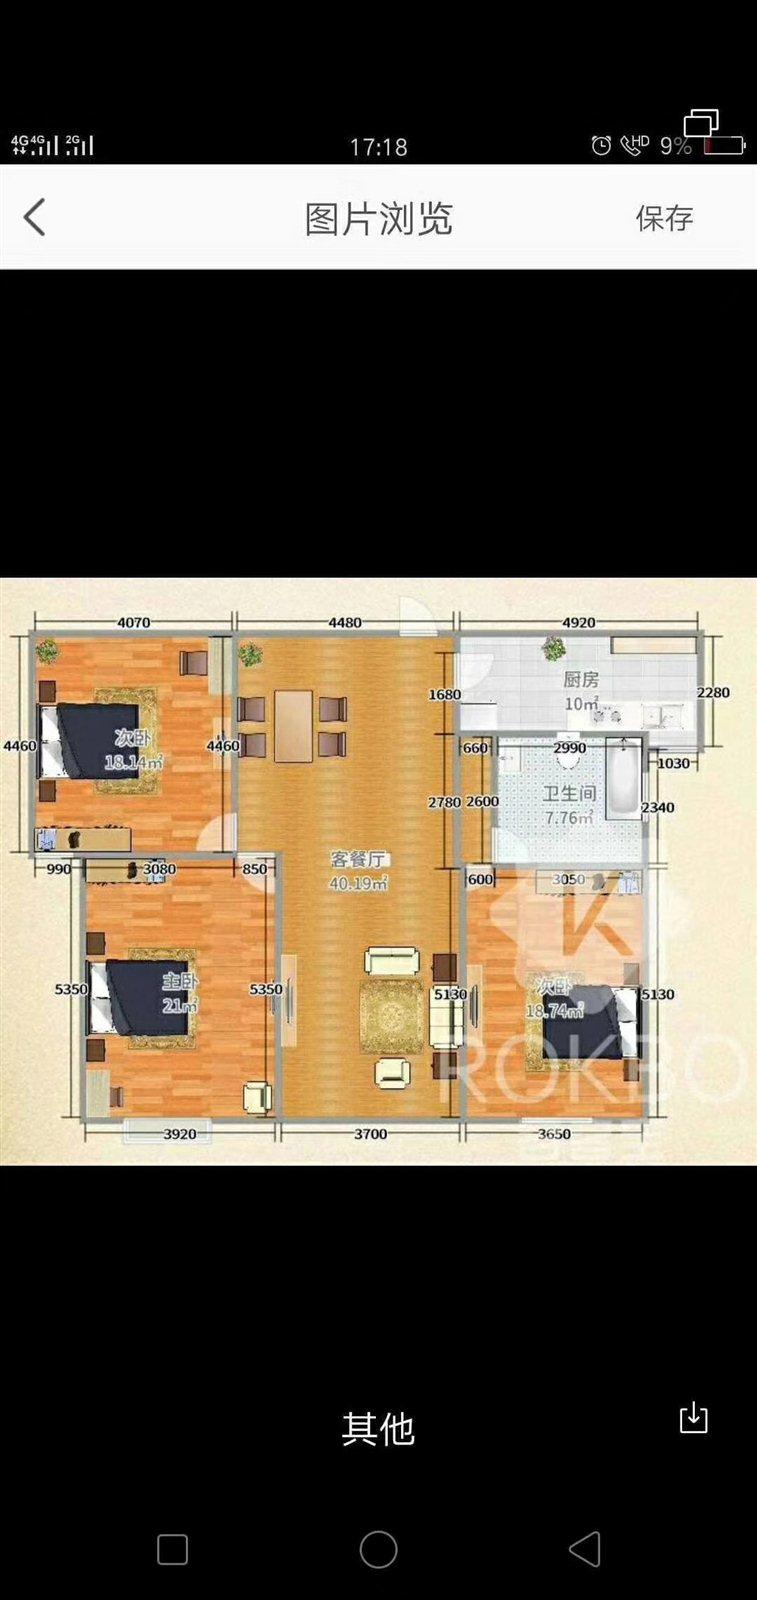 华府名都3室 1厅 1卫41万元